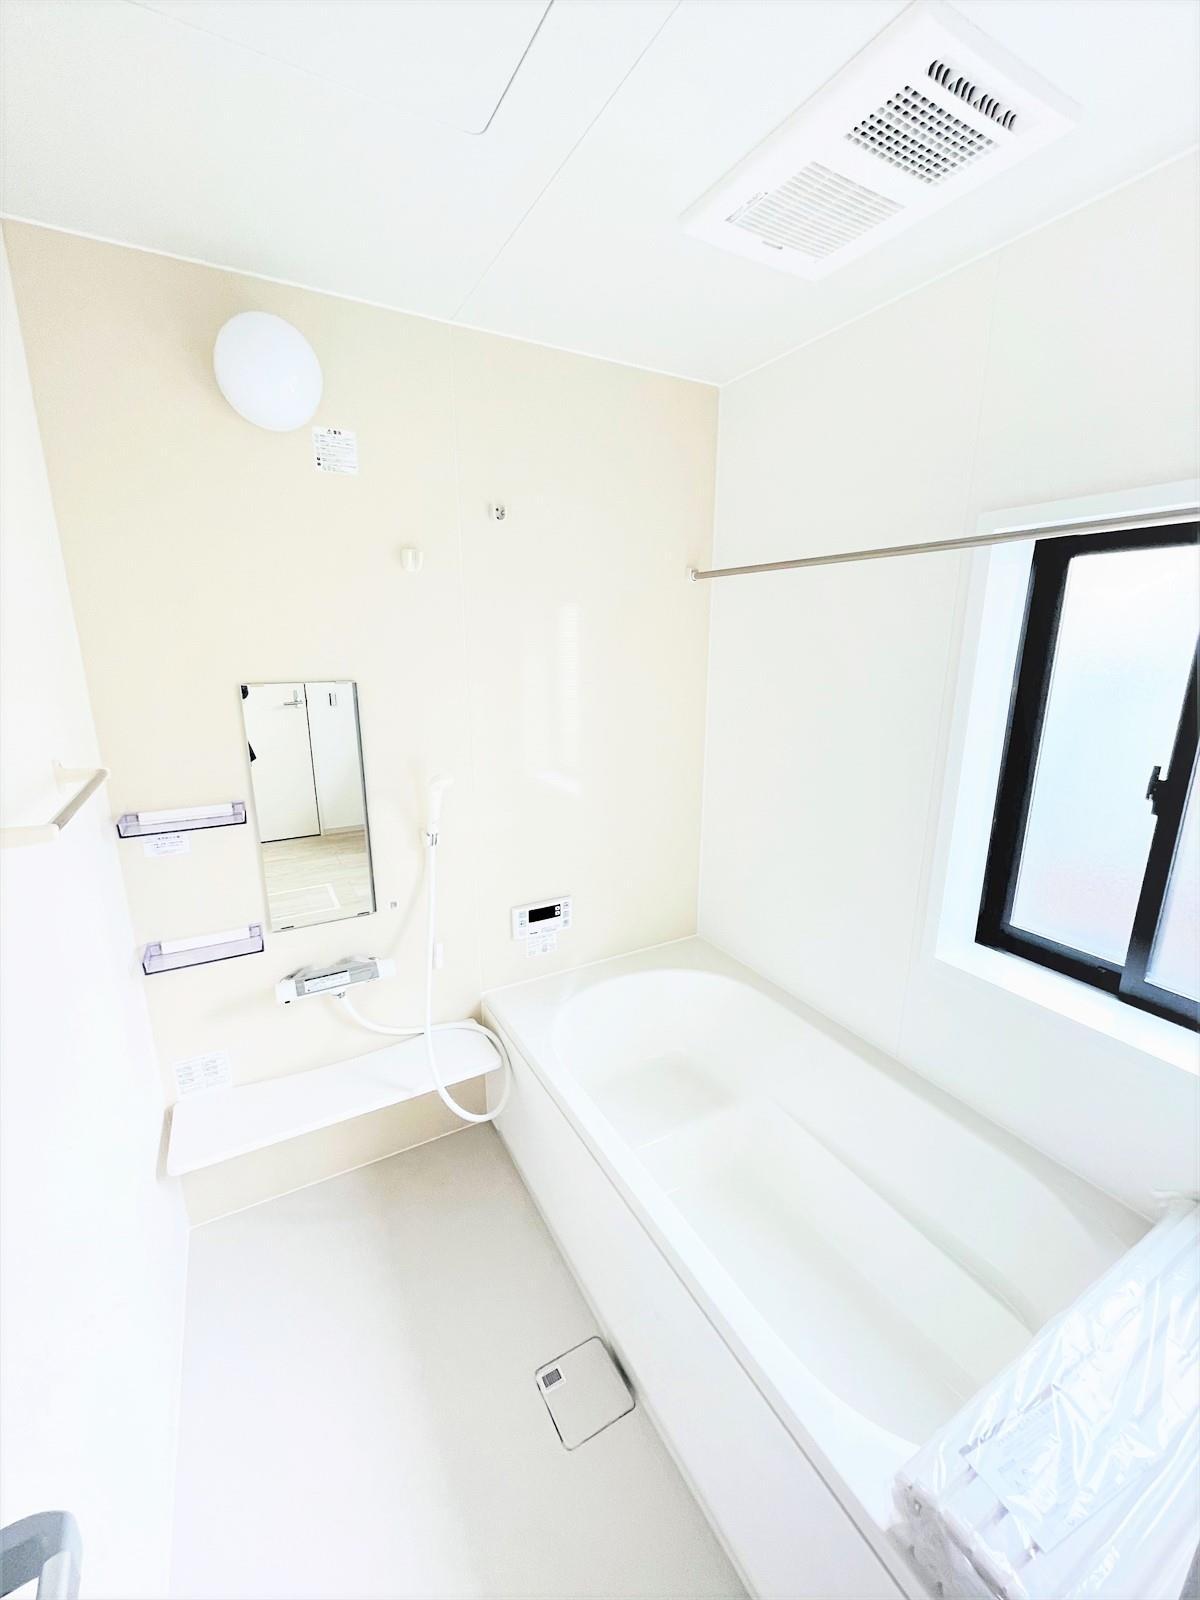 浴室【ゆったりくつろげるベンチ付き浴槽♪】  ベンチ付きの浴槽で気軽に半身浴も楽しめます♪浴室乾燥機を標準で設置しているので毎日の換気はもちろん、雨の日のお洗濯にも便利です♪